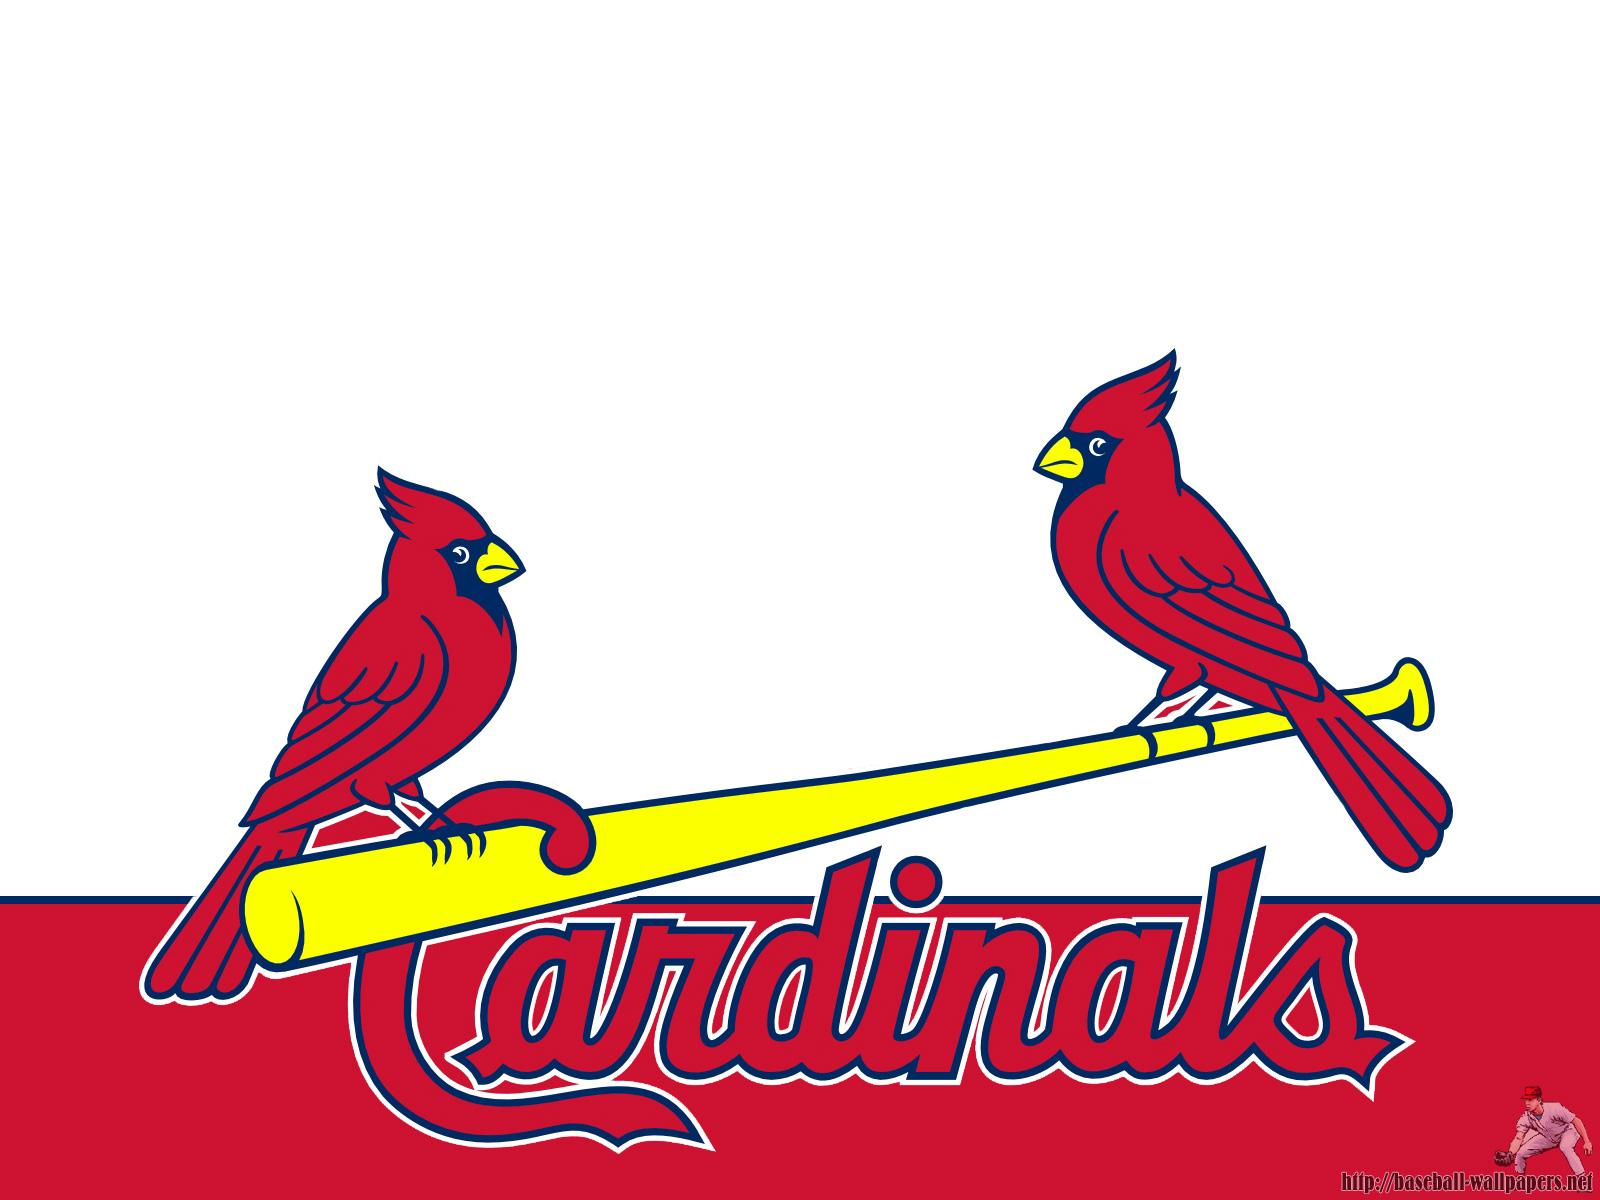 http://1.bp.blogspot.com/-ytkr-34Tq5Y/To_HxUwuzLI/AAAAAAAAH5E/Evr3B_IsQ3g/s1600/st_louis_cardinals_logo_wallpaper.jpg